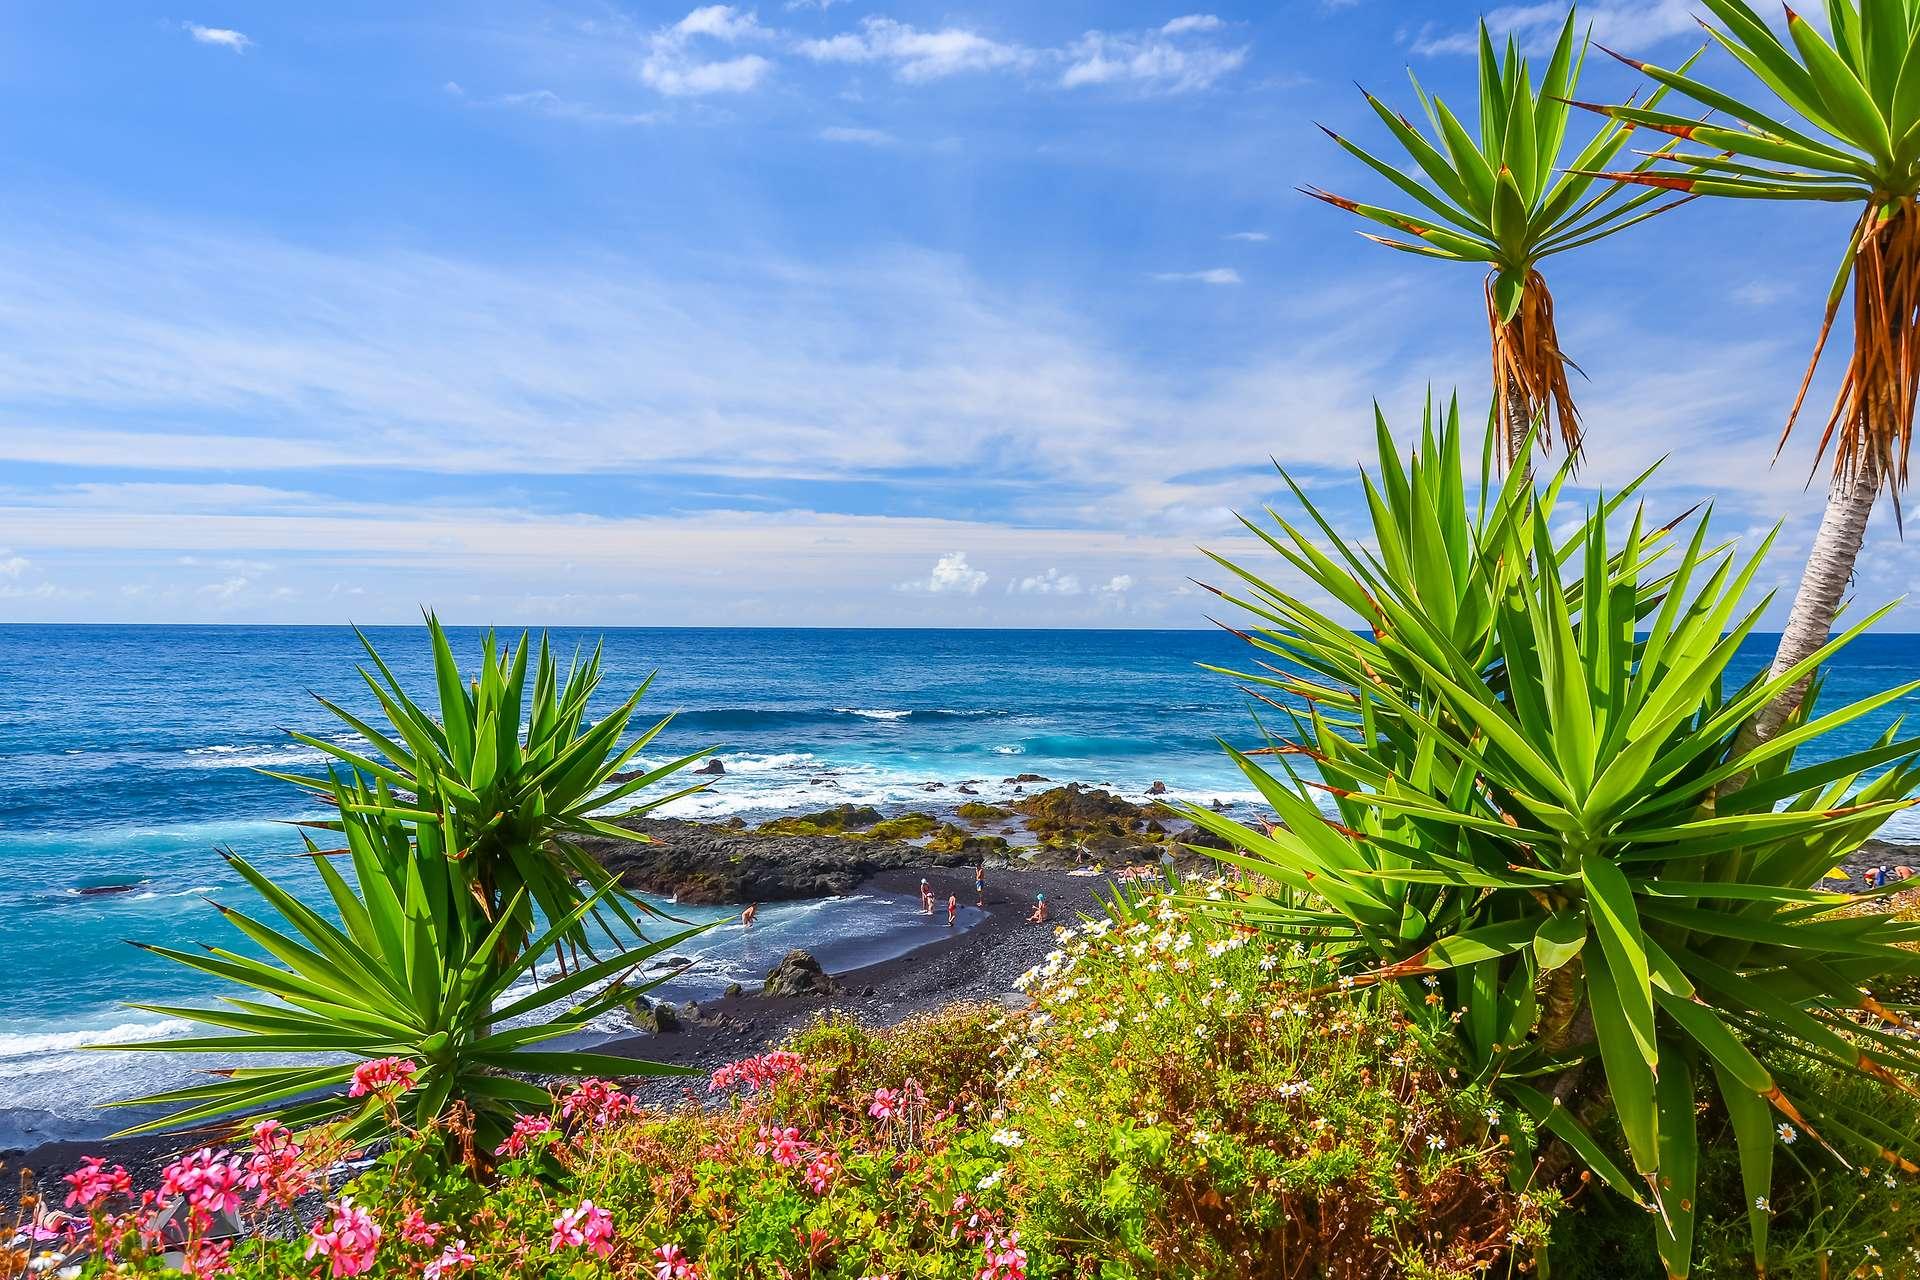 Spanje Canarische eilanden Tenerife Tropische Planten Puerto de la Cruz